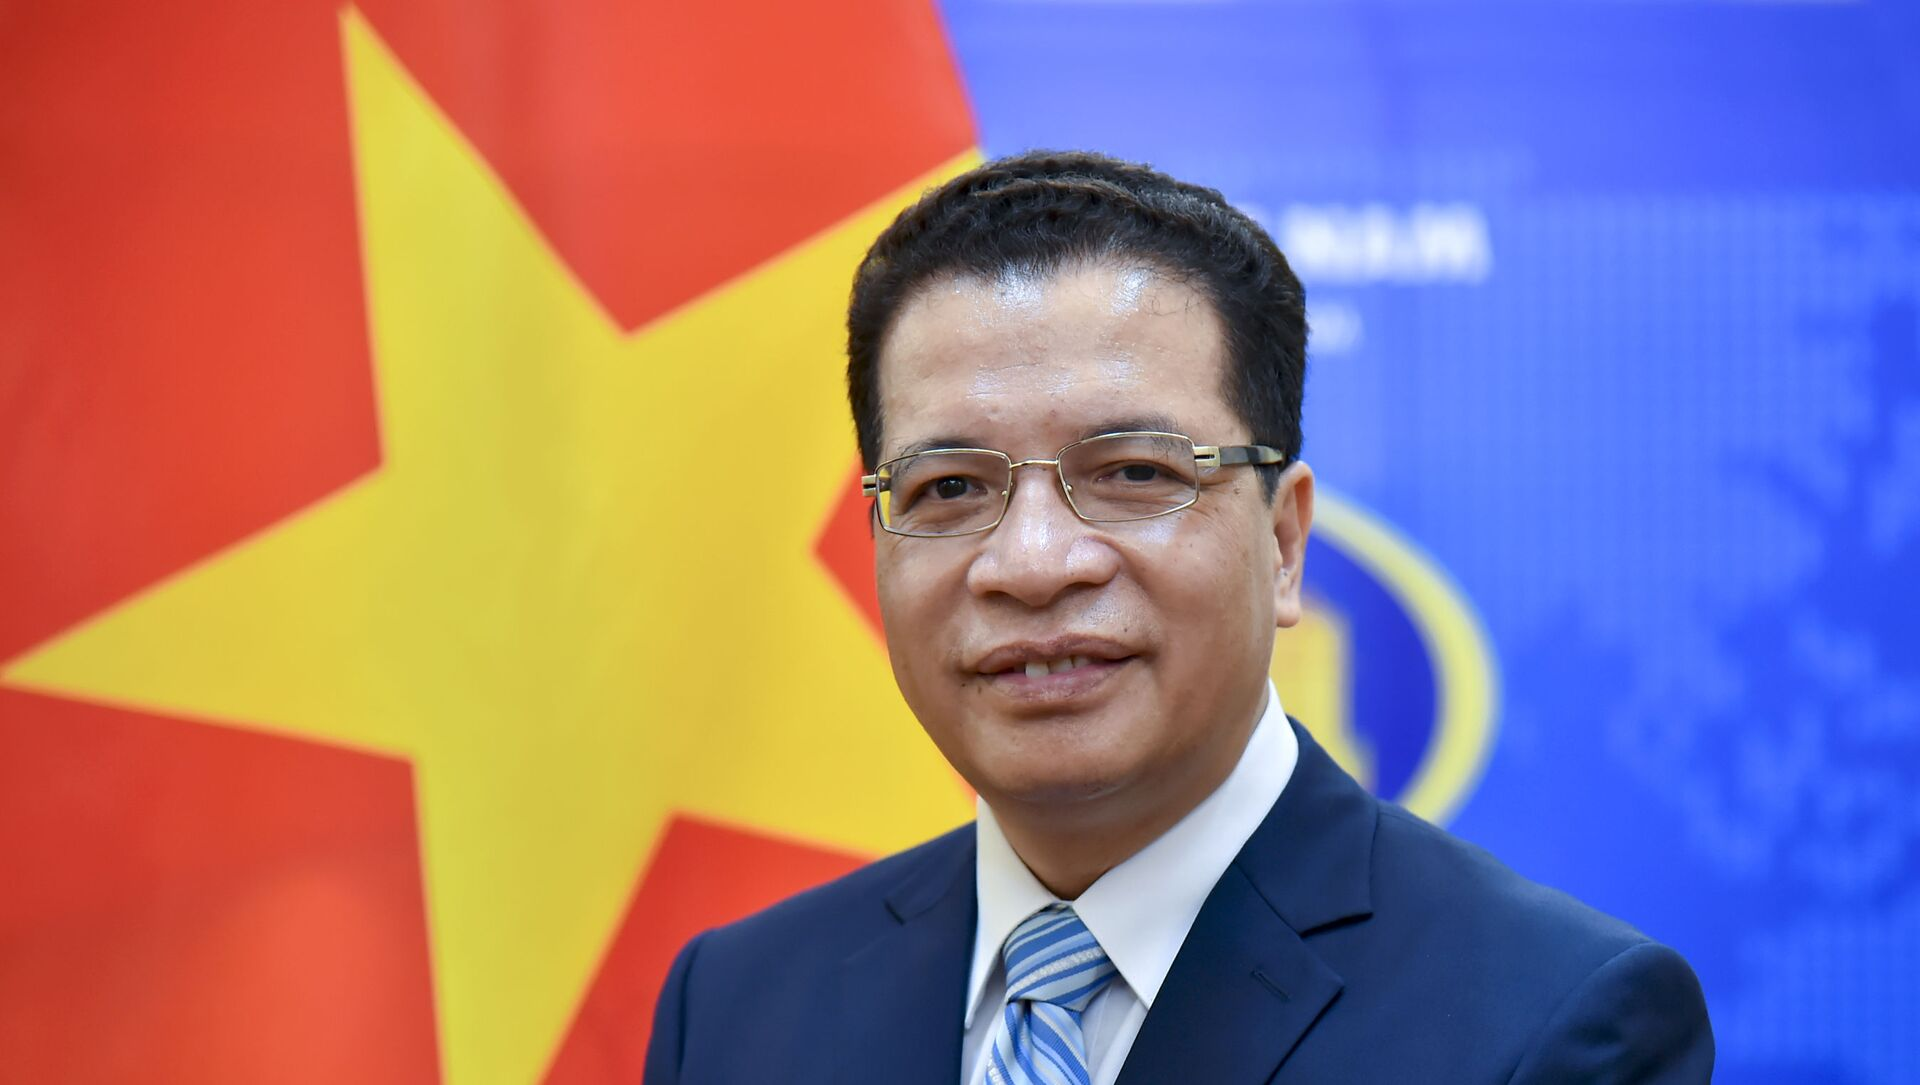 Thứ trưởng Bộ Ngoại giao Đặng Minh Khôi lên đường đảm nhận cương vị Đại sứ Nước CHXHCN Việt Nam tại Liên bang Nga nhiệm kỳ 2021 - 2024. - Sputnik Việt Nam, 1920, 03.06.2021